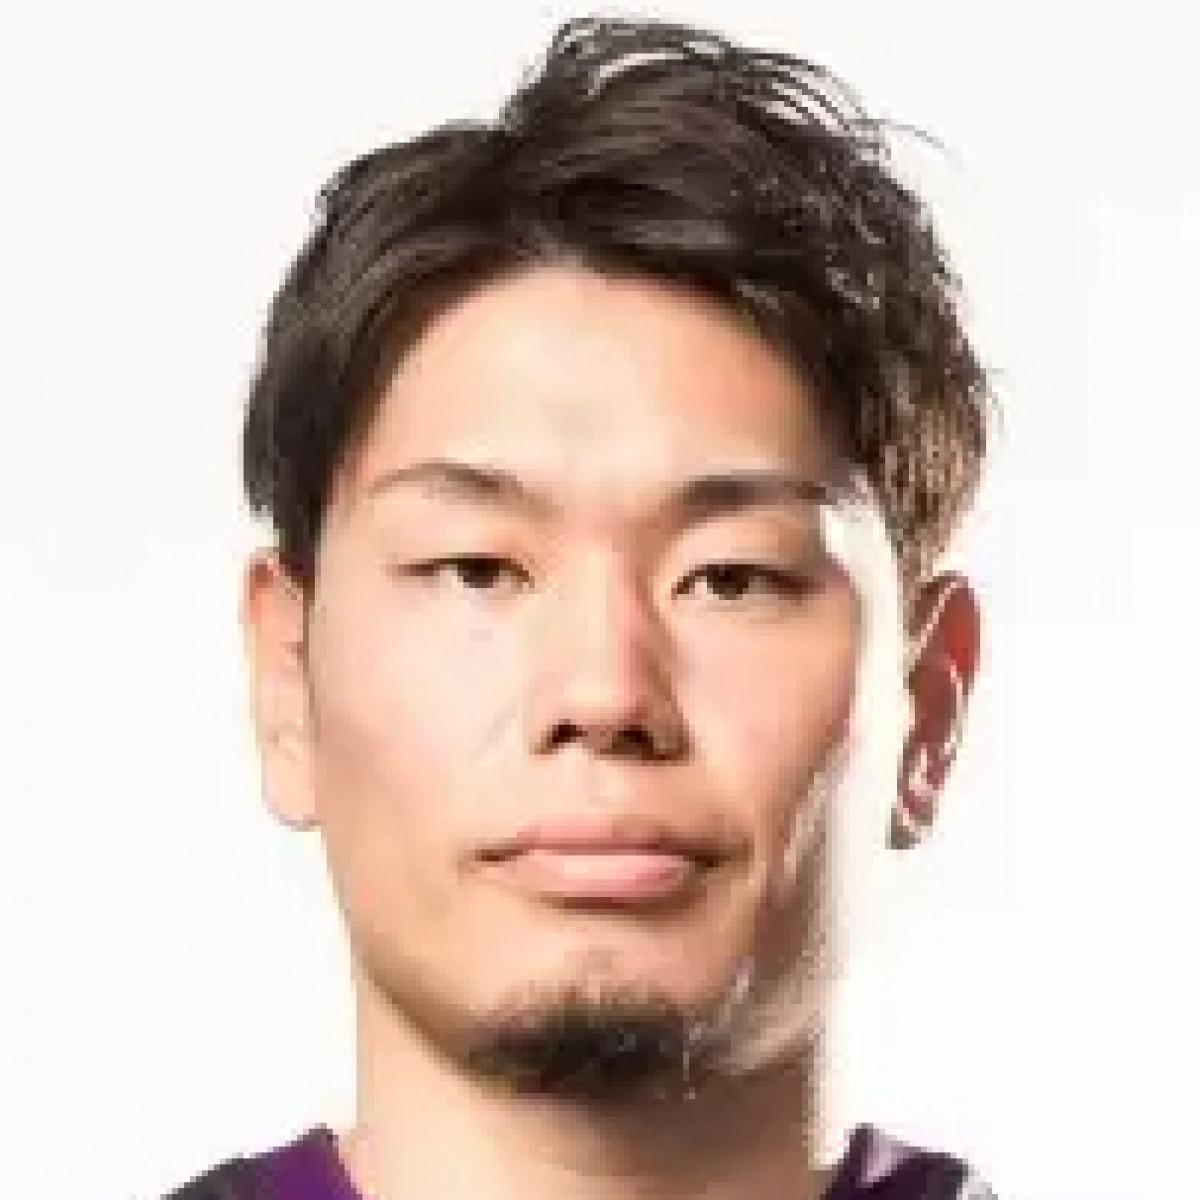 Yasuhiko Wada